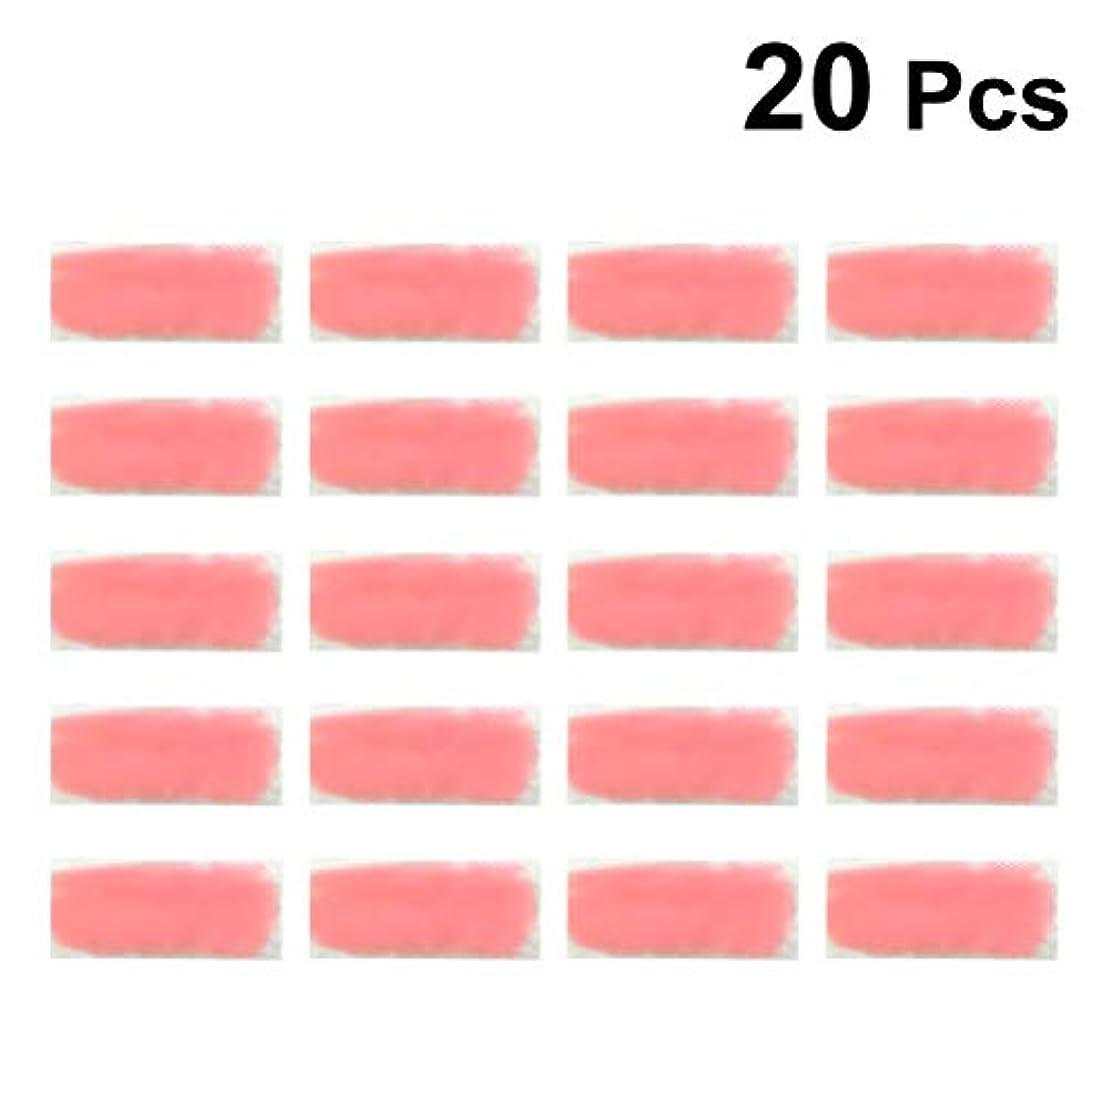 負荷キャッチ葉Healifty 夏の冷却ジェルパッチ温度変化熱射病防止冷却額ストリップ眠気さわやかさを和らげる日焼けパッド20個(ピンク)